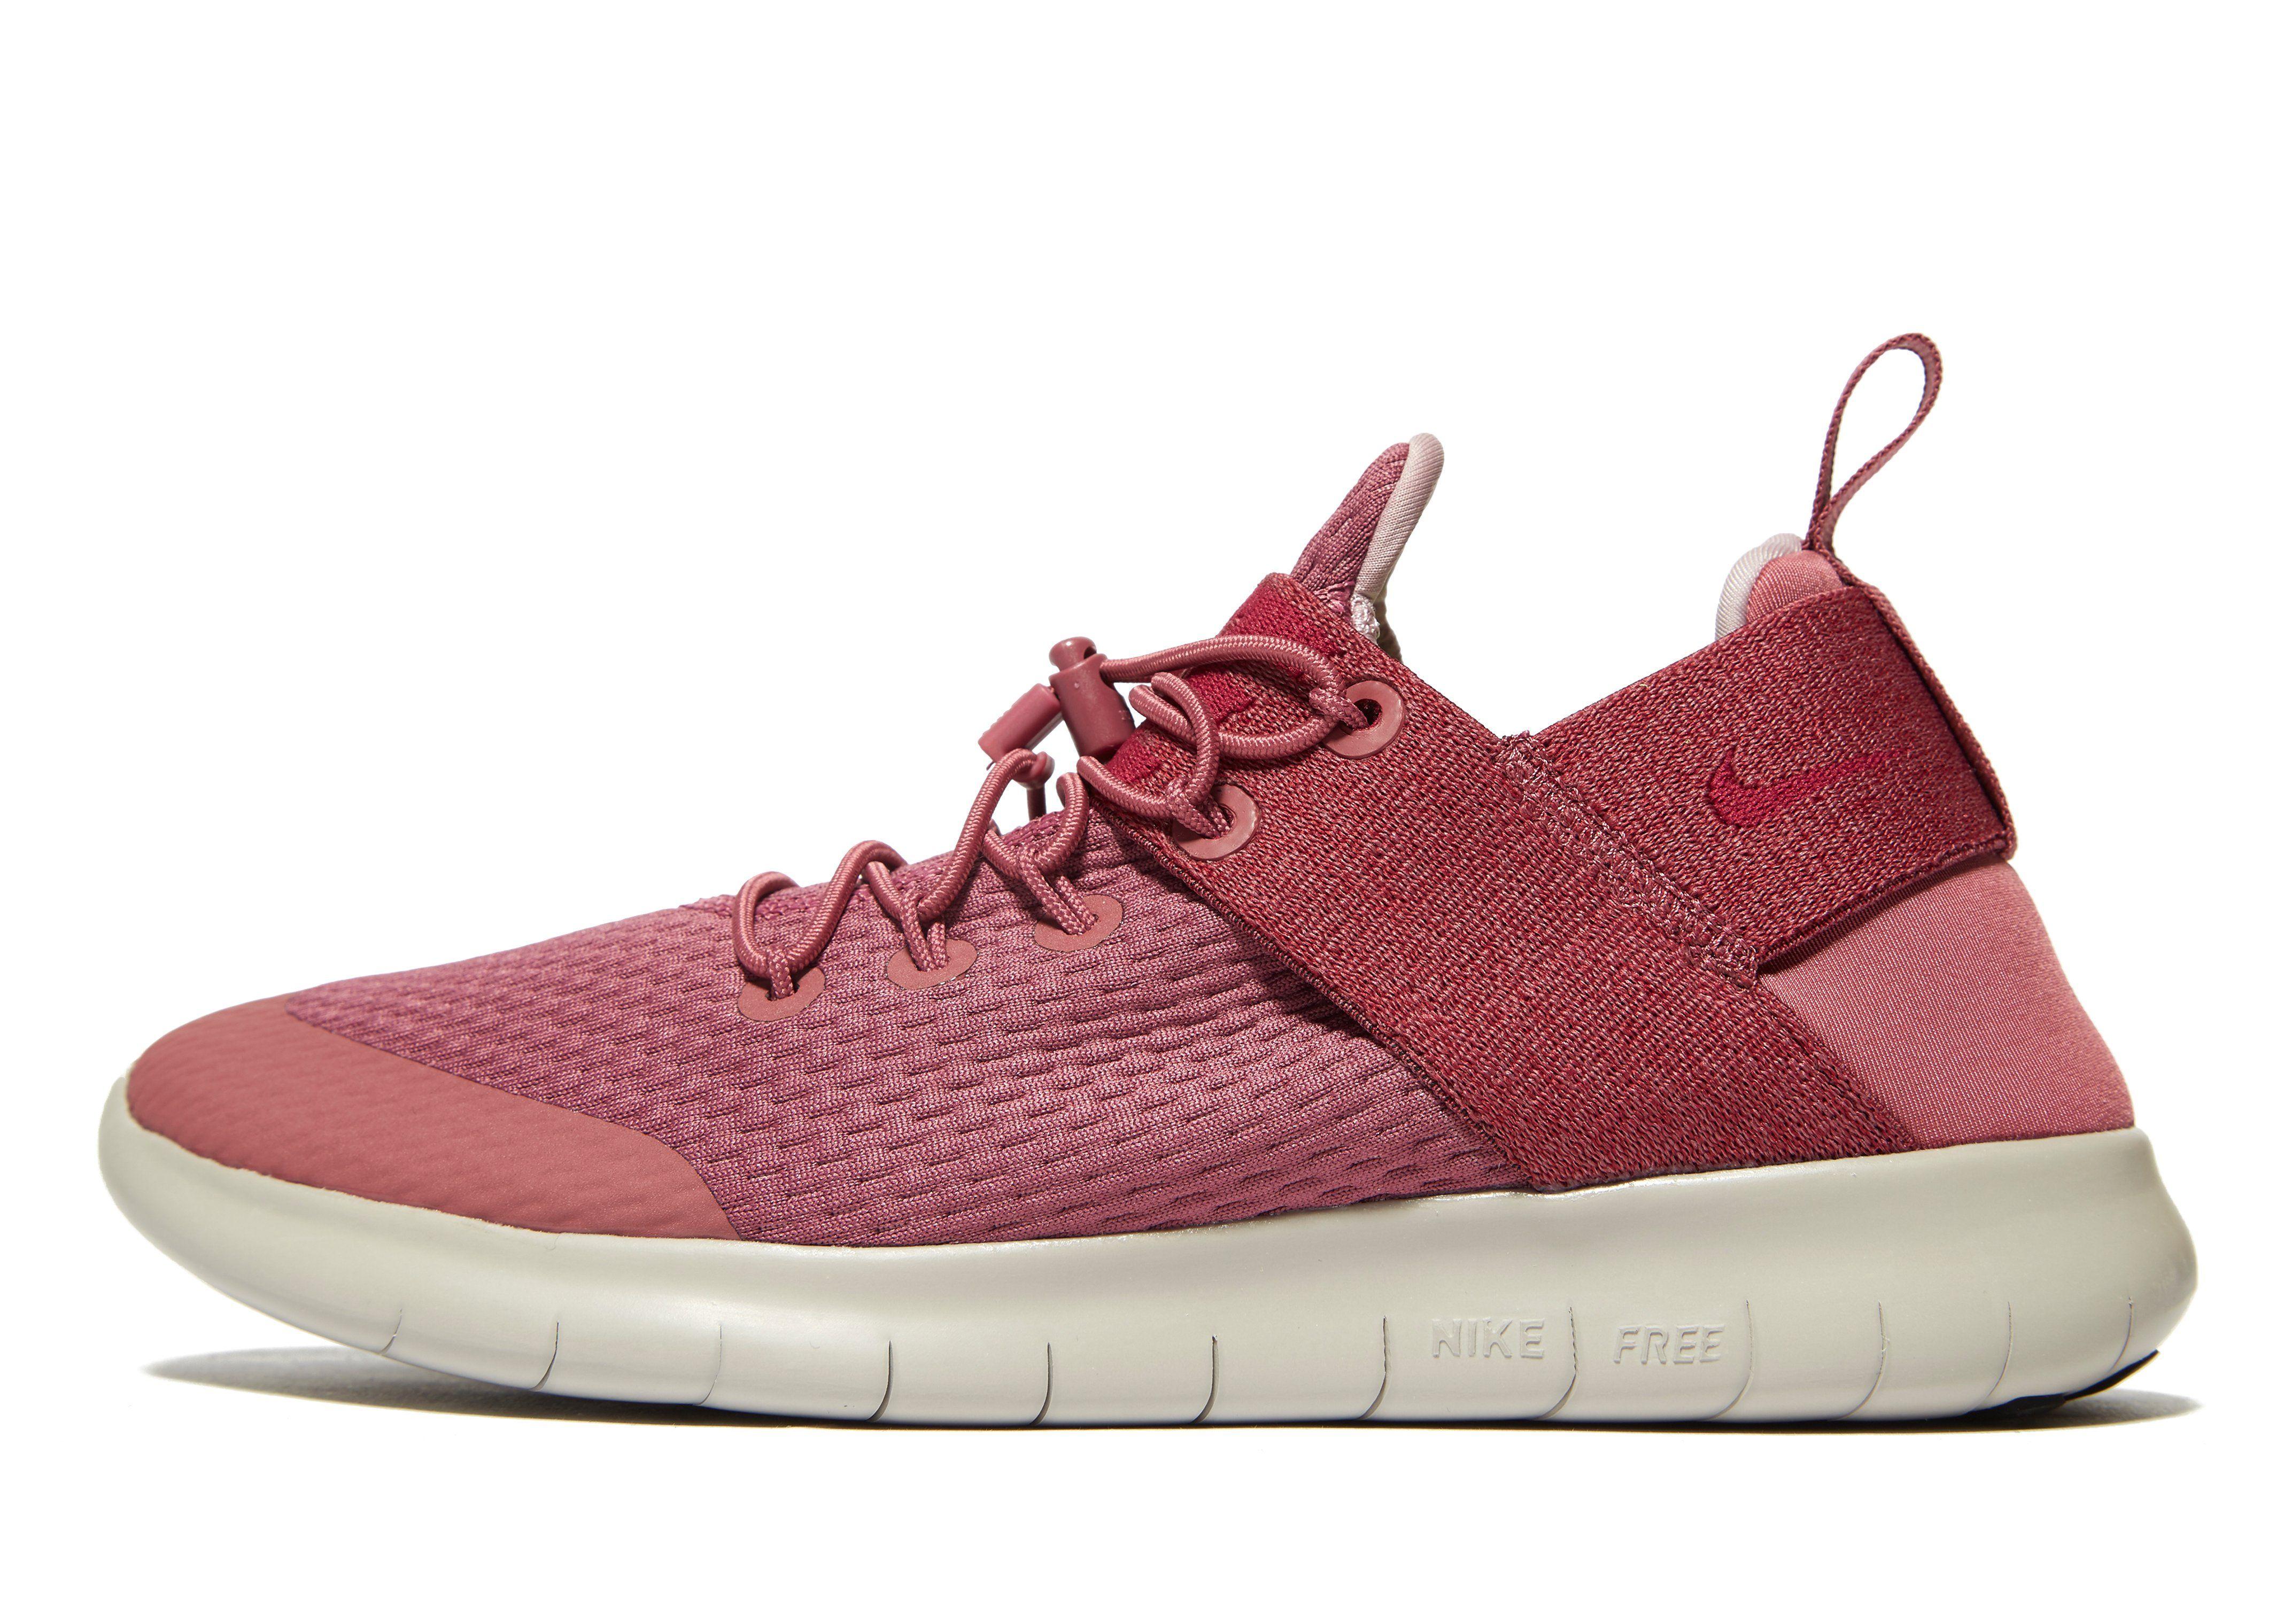 online retailer 9398f 5b002 Nike Free Run Commuter 2 Femme   JD Sports